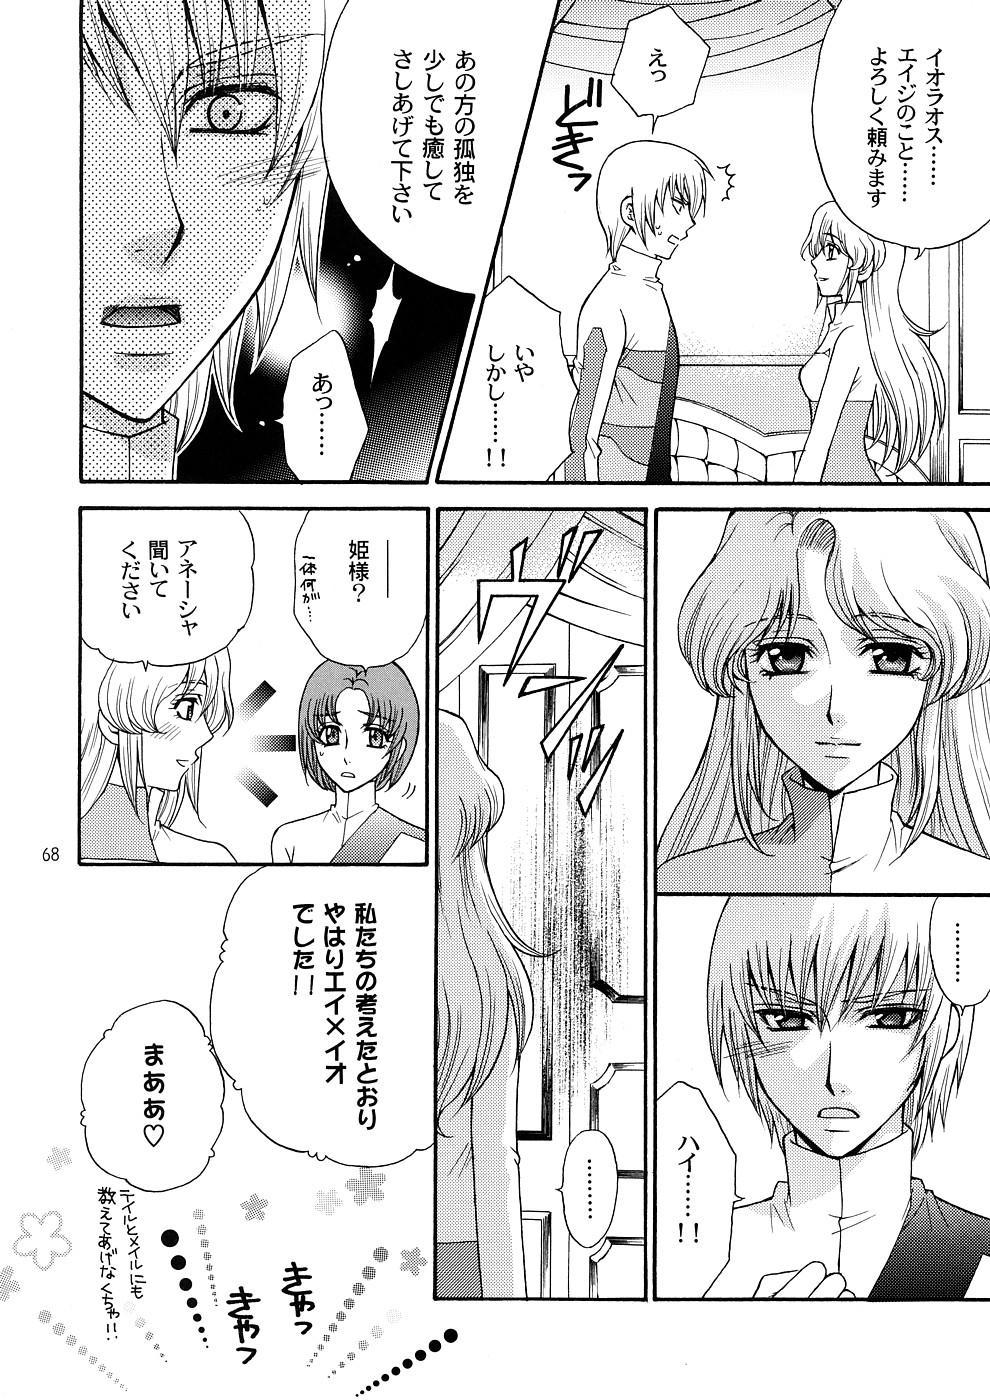 Kozouya Dokuhon MIX 64